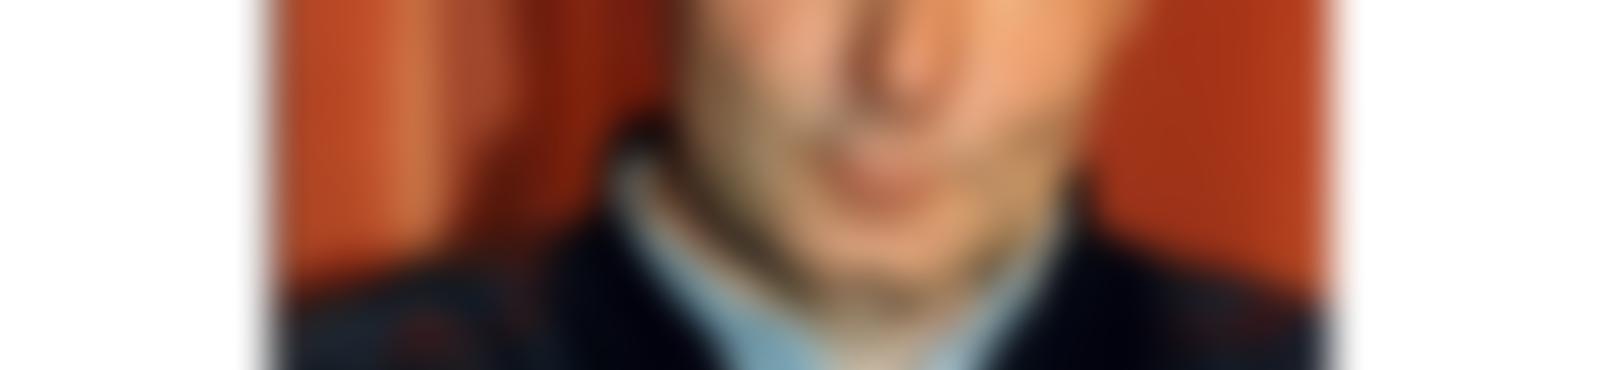 Blurred 31 10 16 drewermann